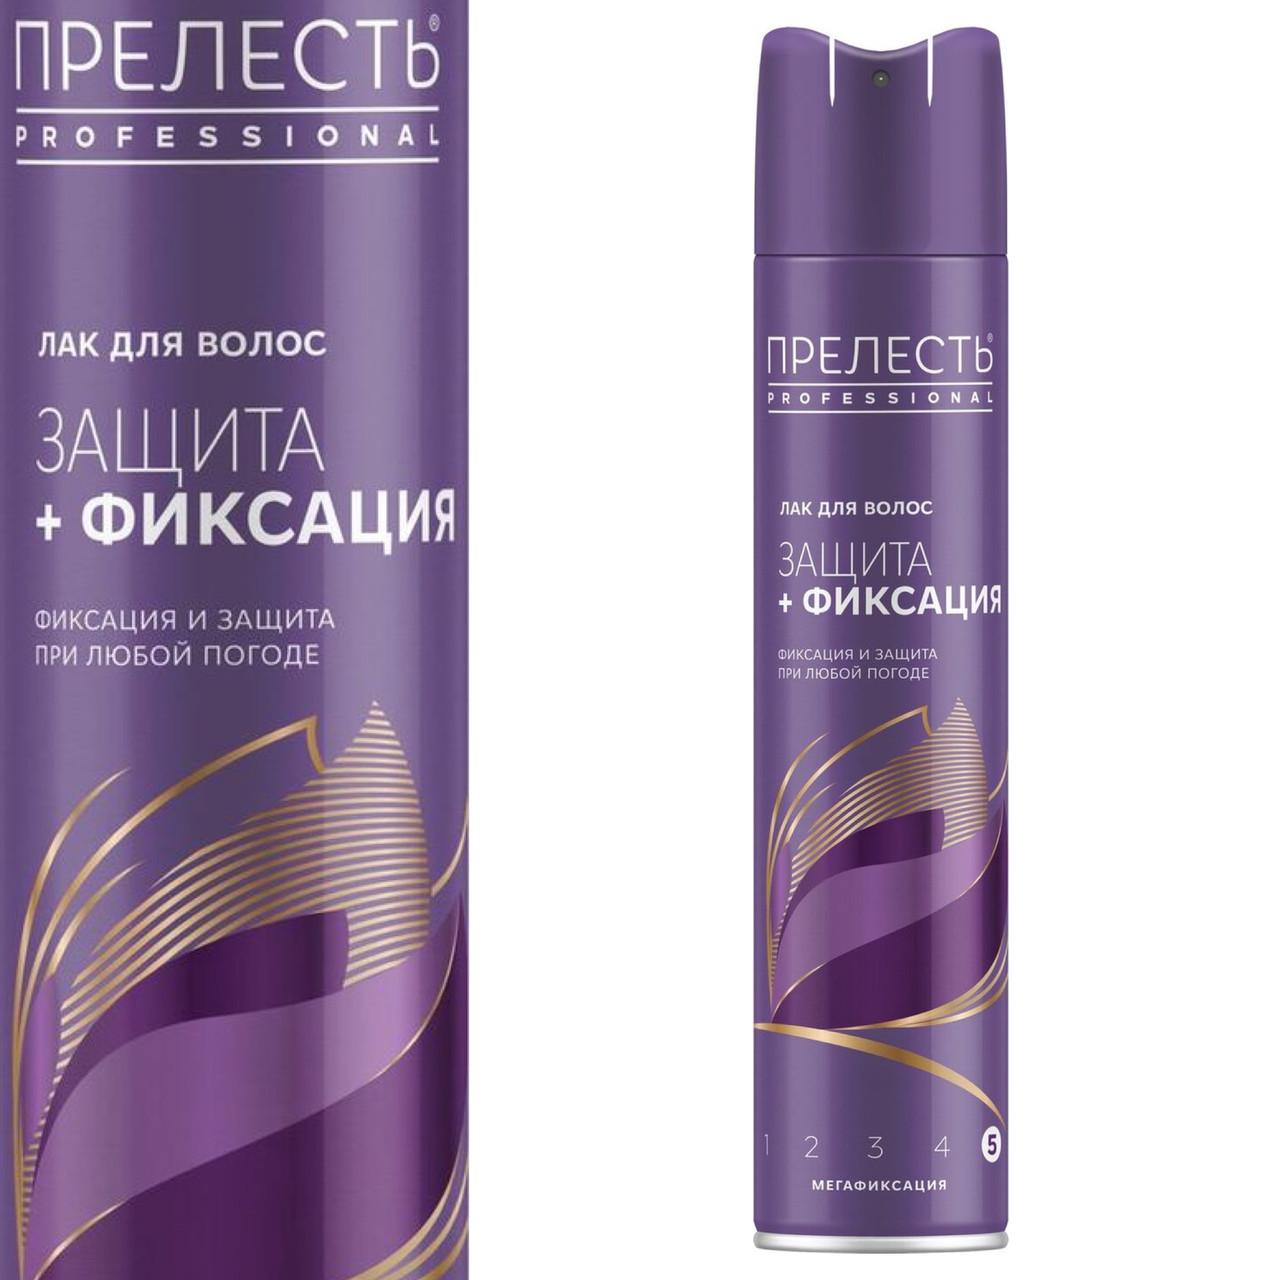 Лак для волос ПРЕЛЕСТЬ Professional 300ml ЗАЩИТА